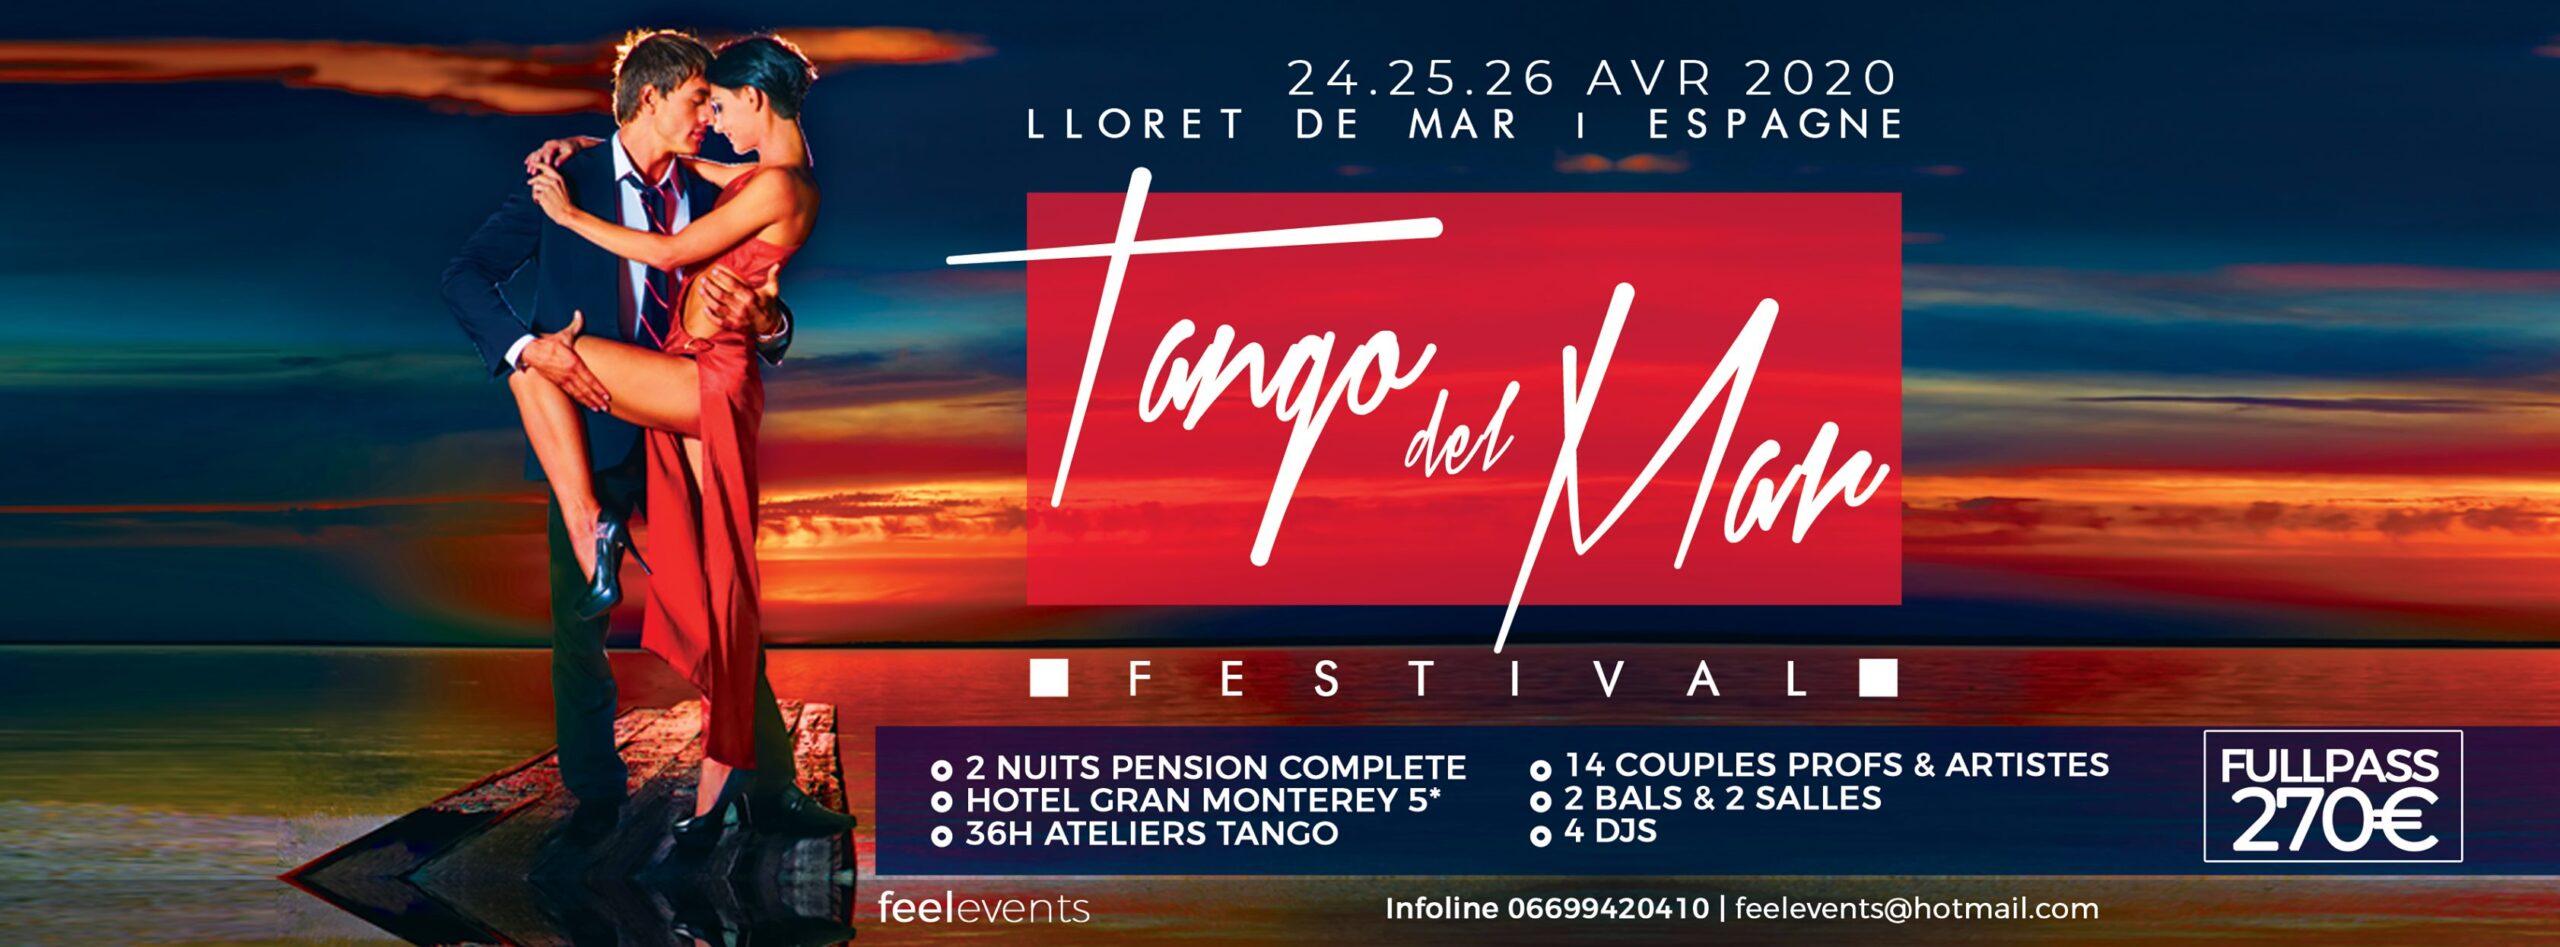 Festival Tango del Mar 2020